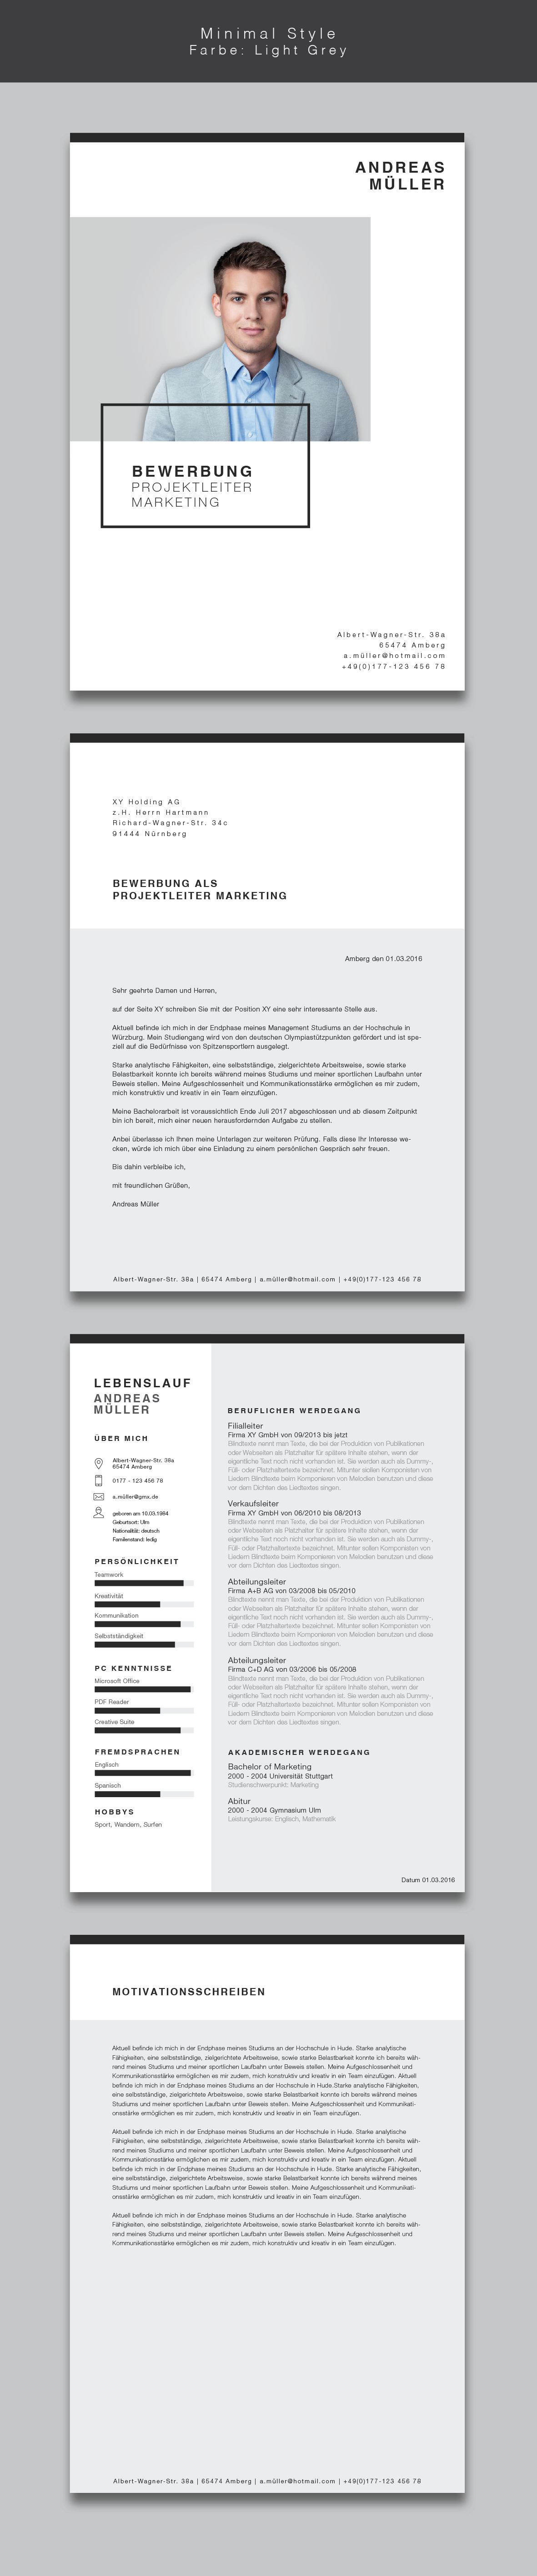 Bewerbungsvorlage / Lebenslauf Minimal Style #interfacedesign